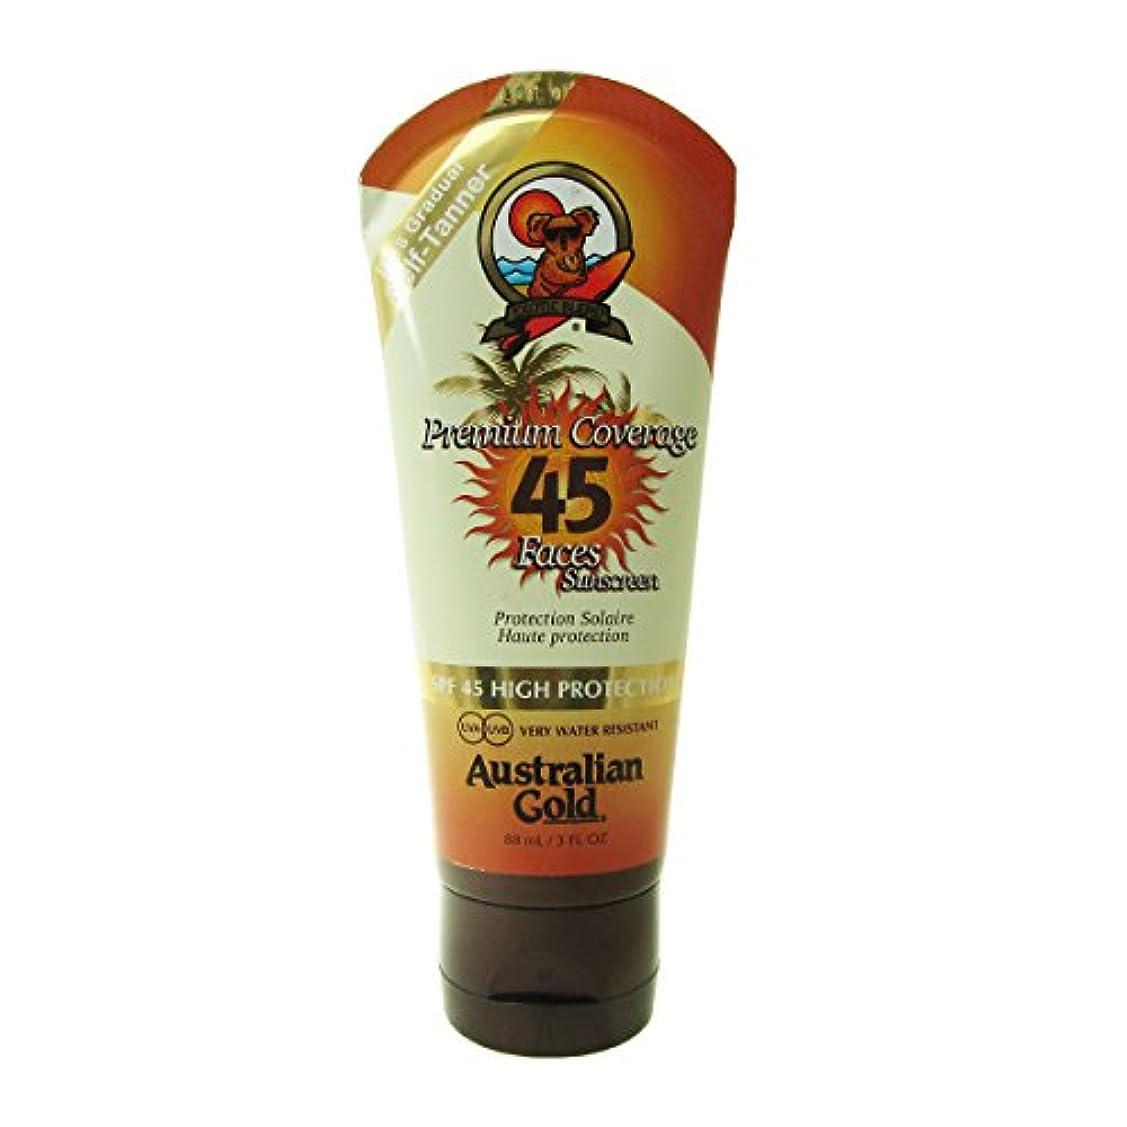 宿泊施設マイル間違いなくAustralian Gold Sunscreen Spf 45 With Self-tanner 88ml [並行輸入品]